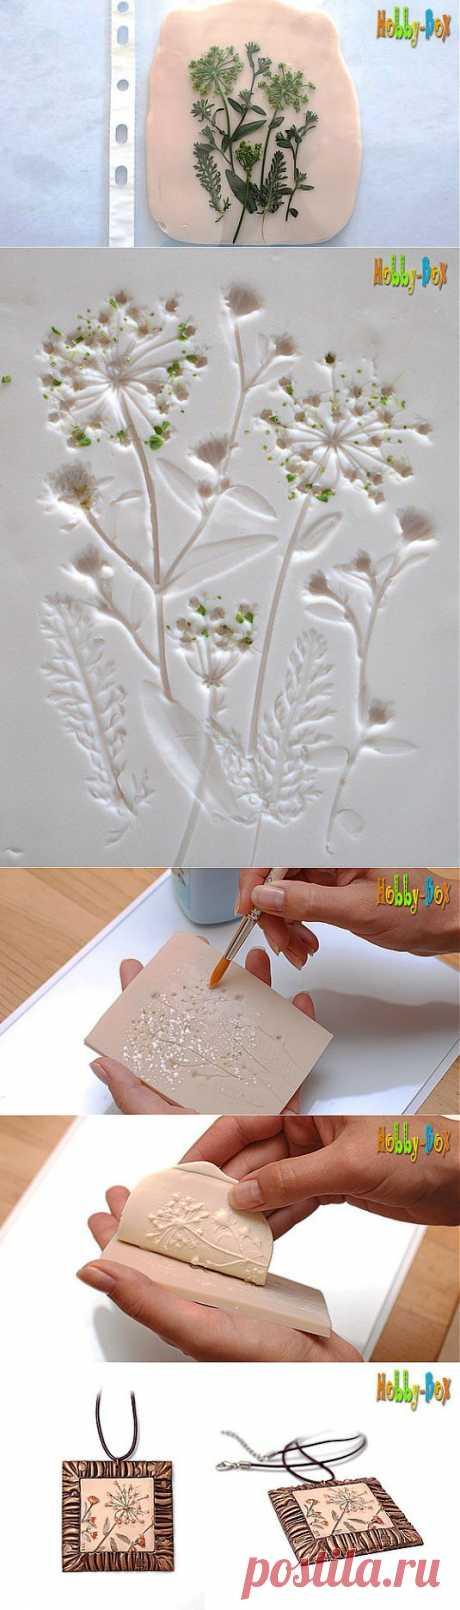 Текстурный лист с растительными мотивами   СДЕЛАЙ САМ!